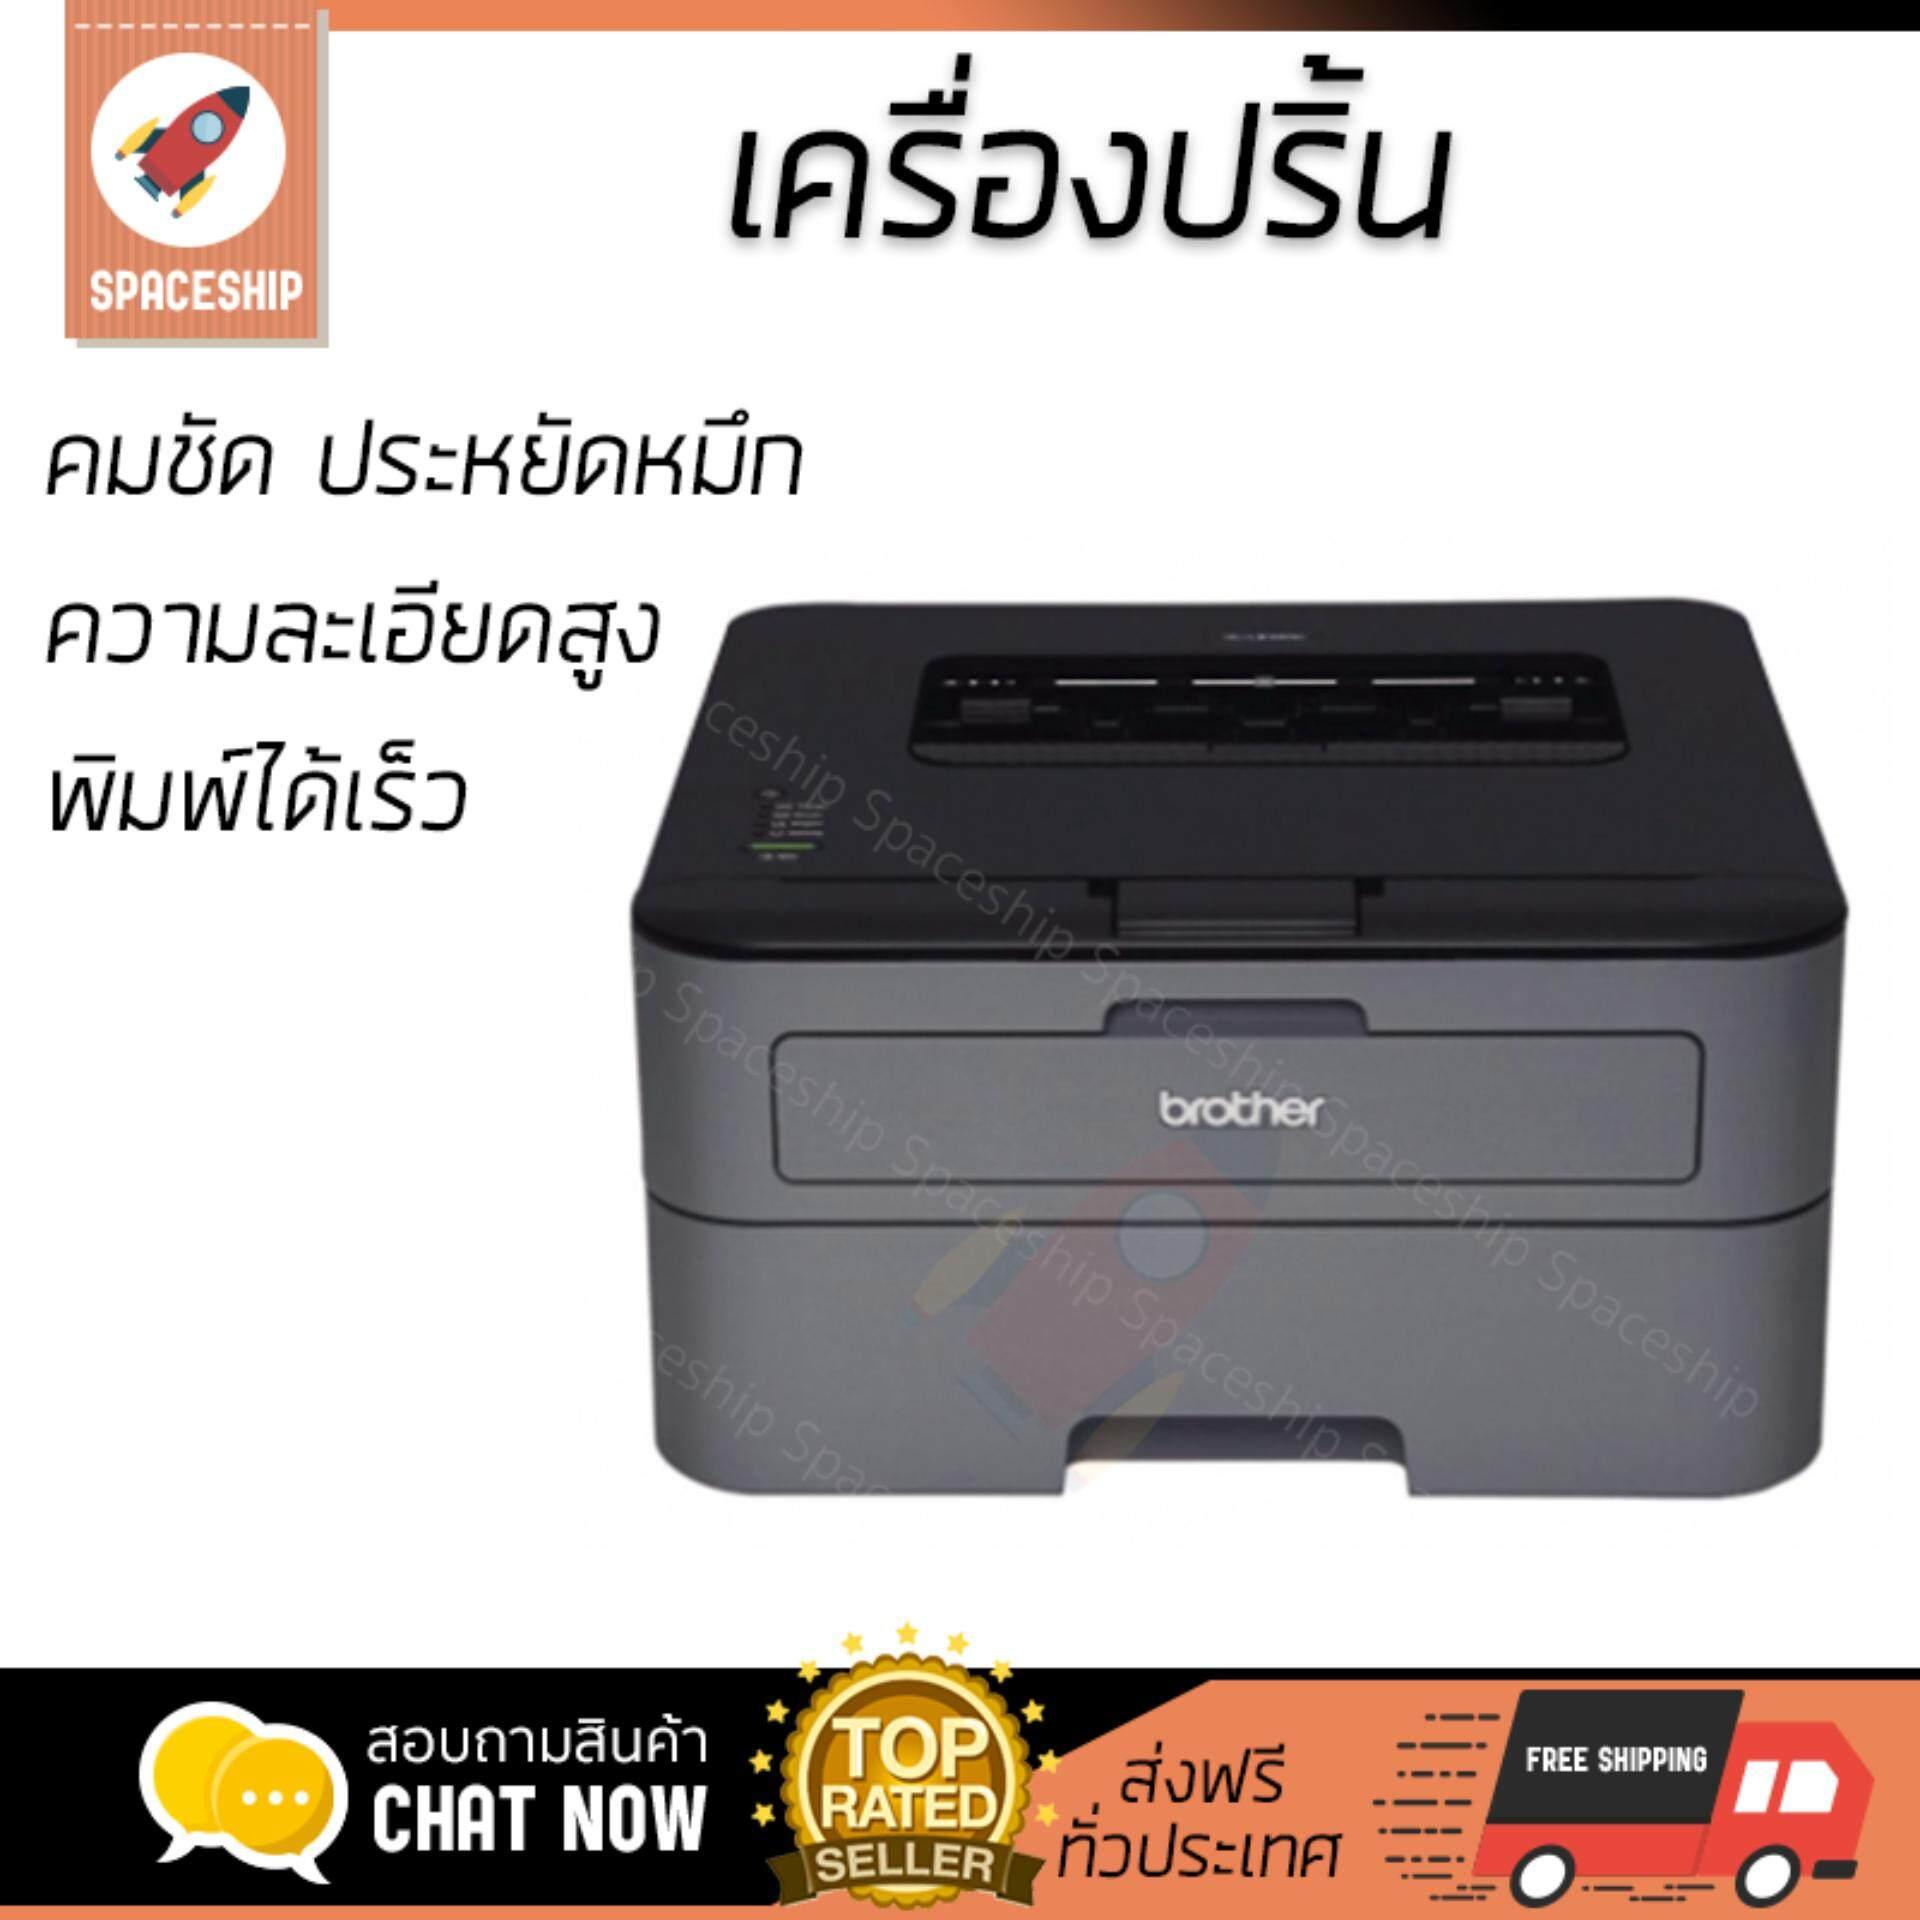 ลดสุดๆ โปรโมชัน เครื่องพิมพ์เลเซอร์           BROTHER ปริ้นเตอร์ Brother รุ่น LASER HL-L2320D             ความละเอียดสูง คมชัด พิมพ์ได้รวดเร็ว เครื่องปริ้น เครื่องปริ้นท์ Laser Printer รับประกันสินค้า